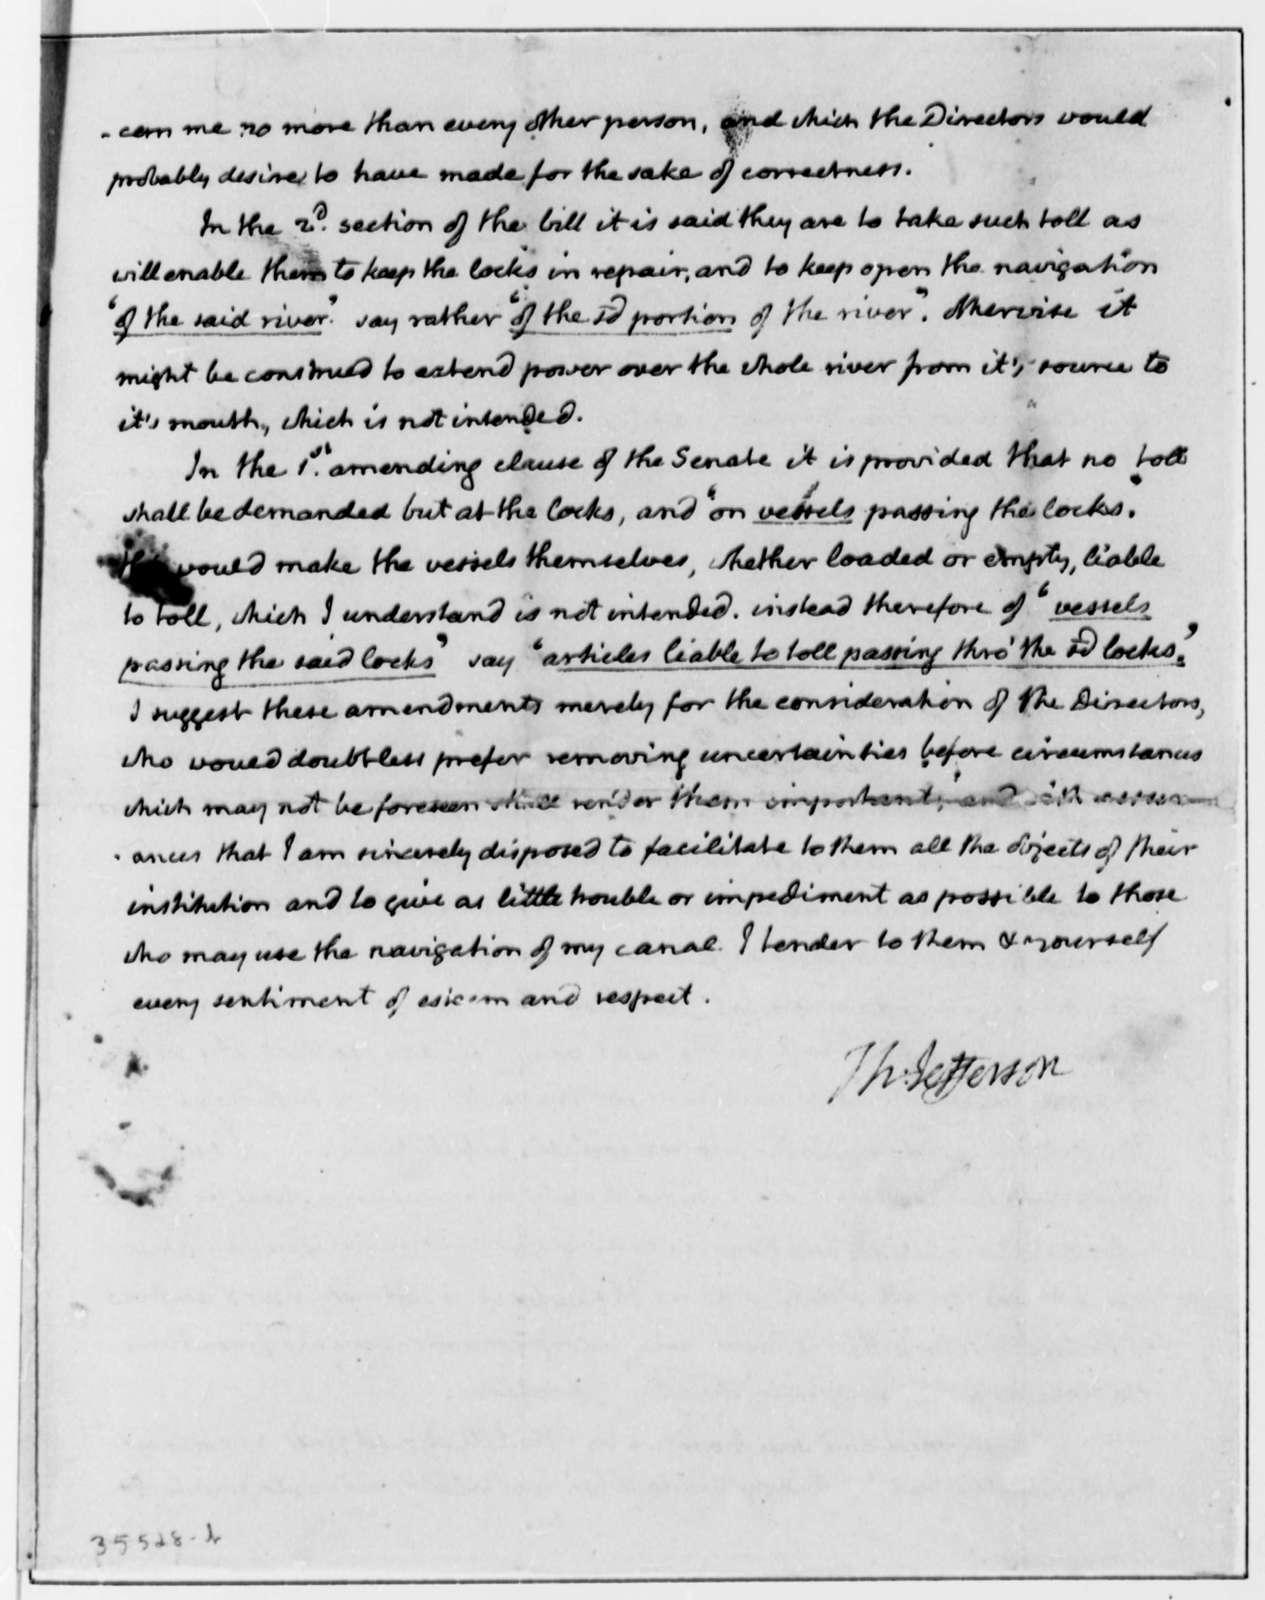 Thomas Jefferson to Peter Minor, November 18, 1813